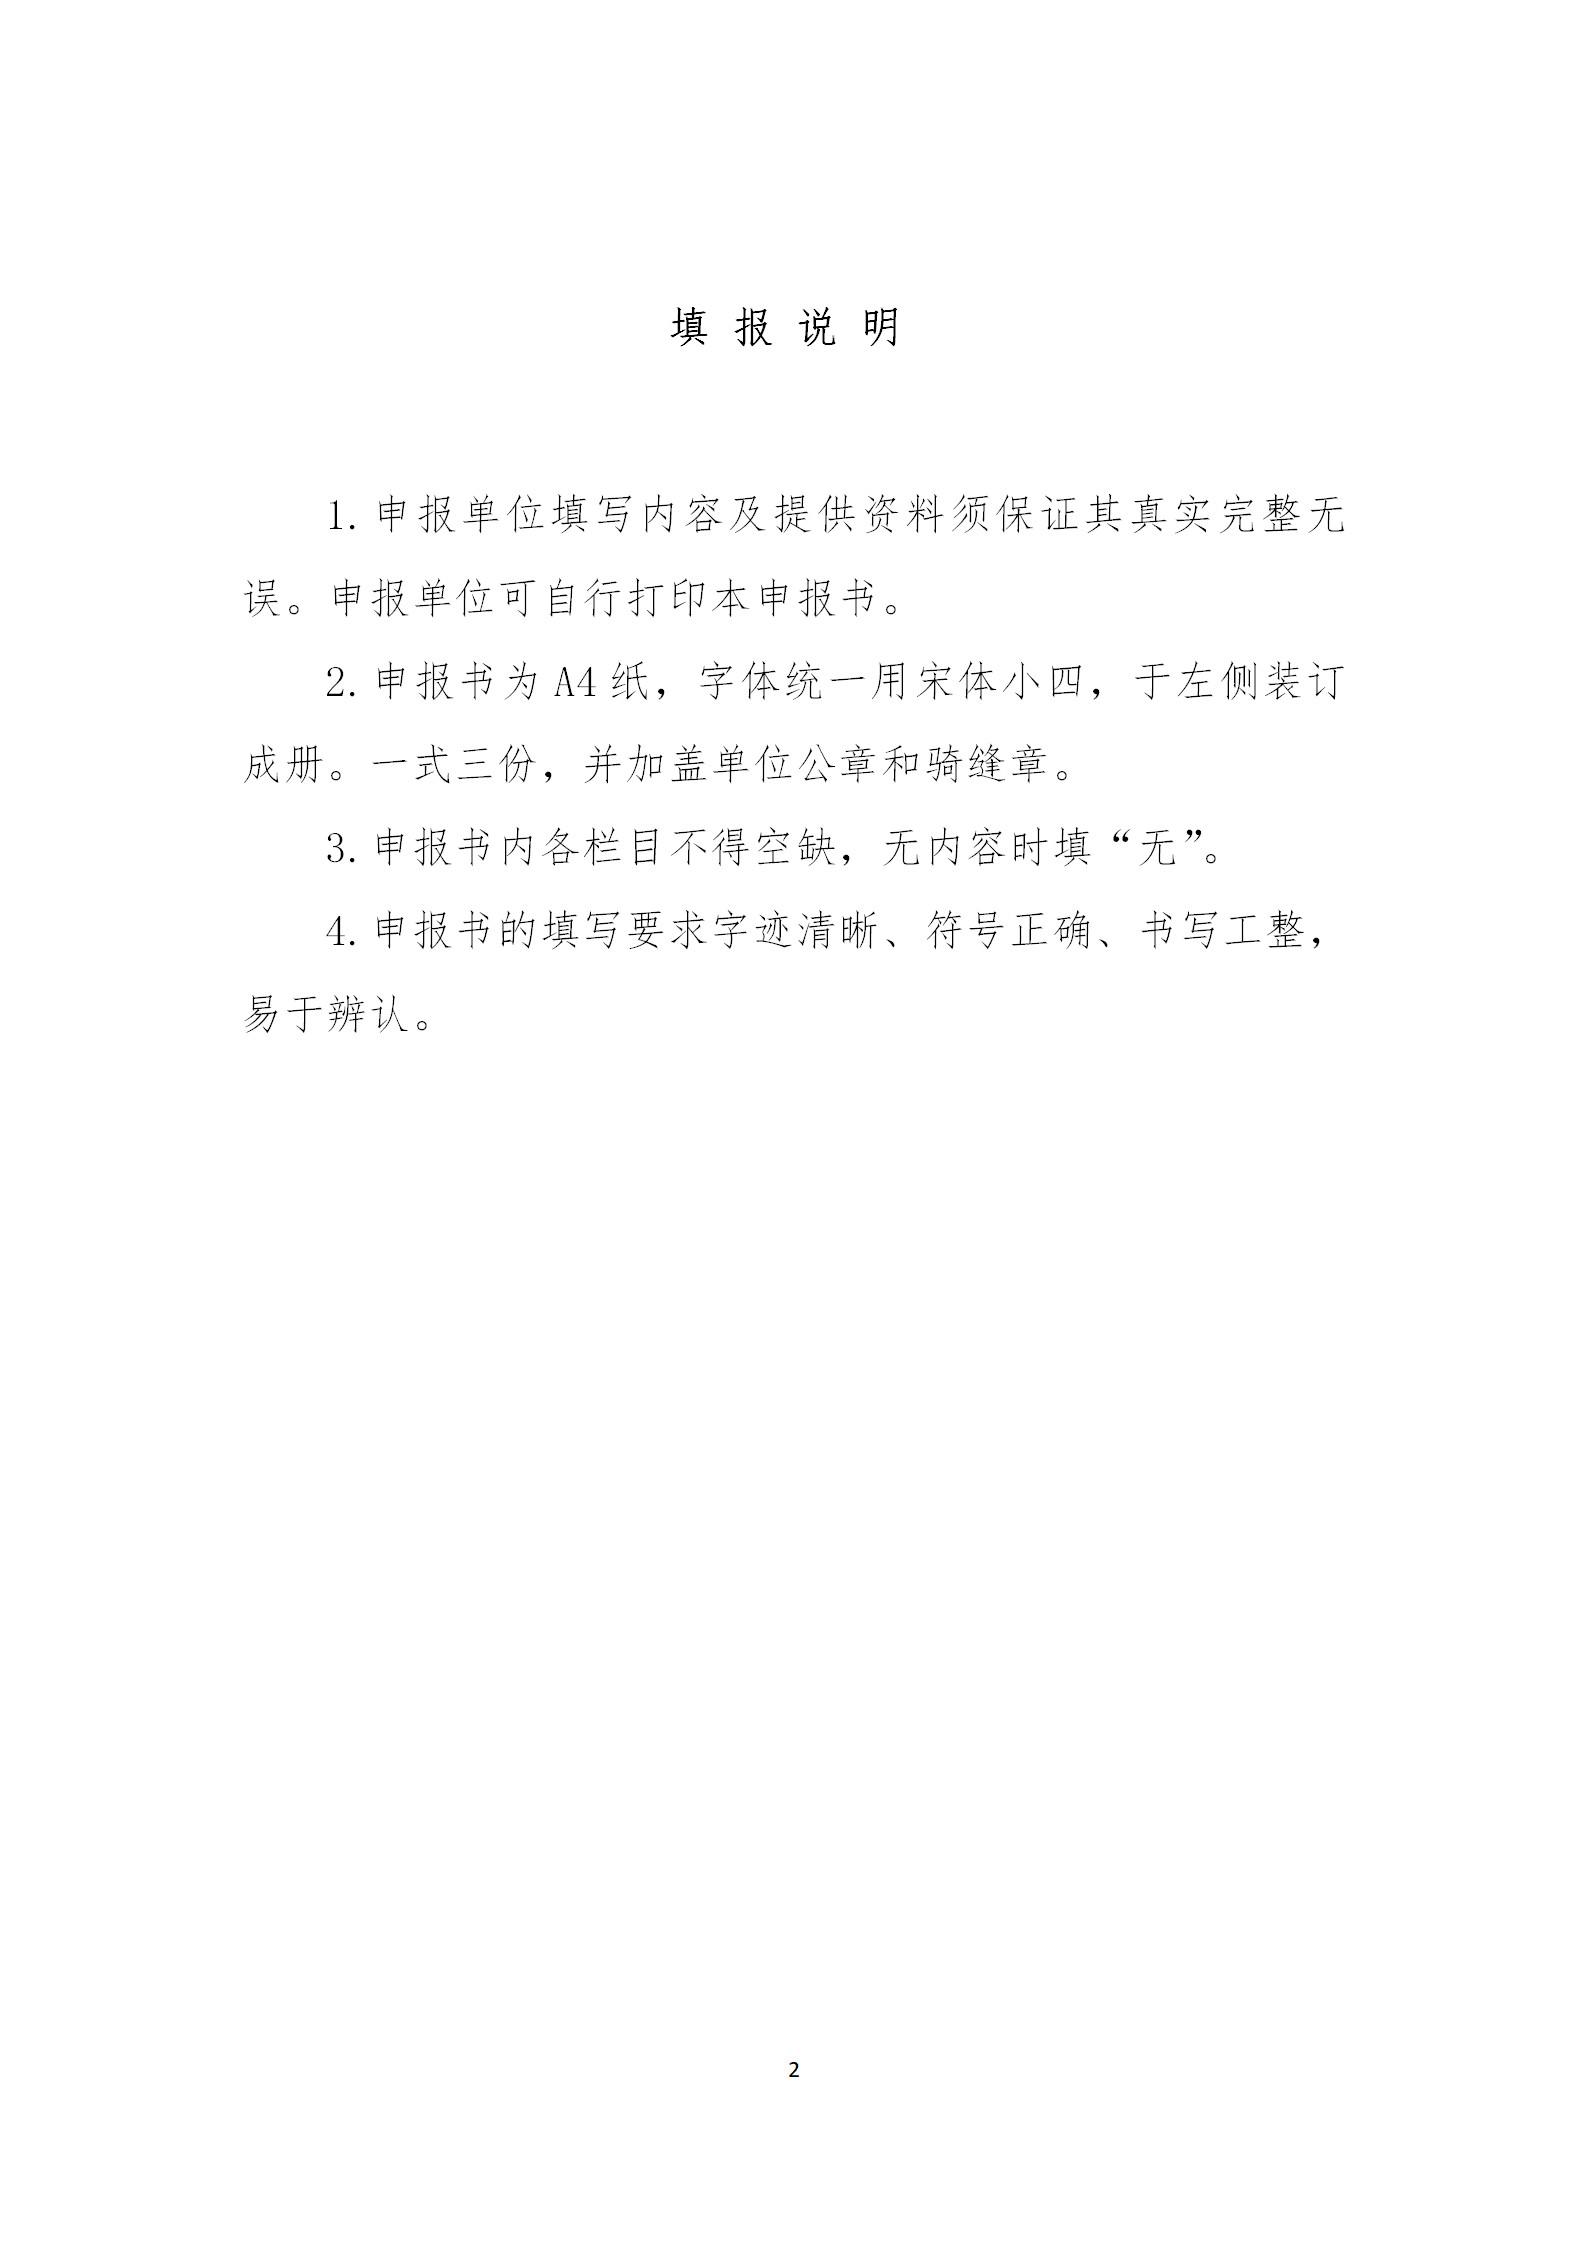 公开征集2019年北京市企业海外知识产权预警项目行业预警项目(通知)